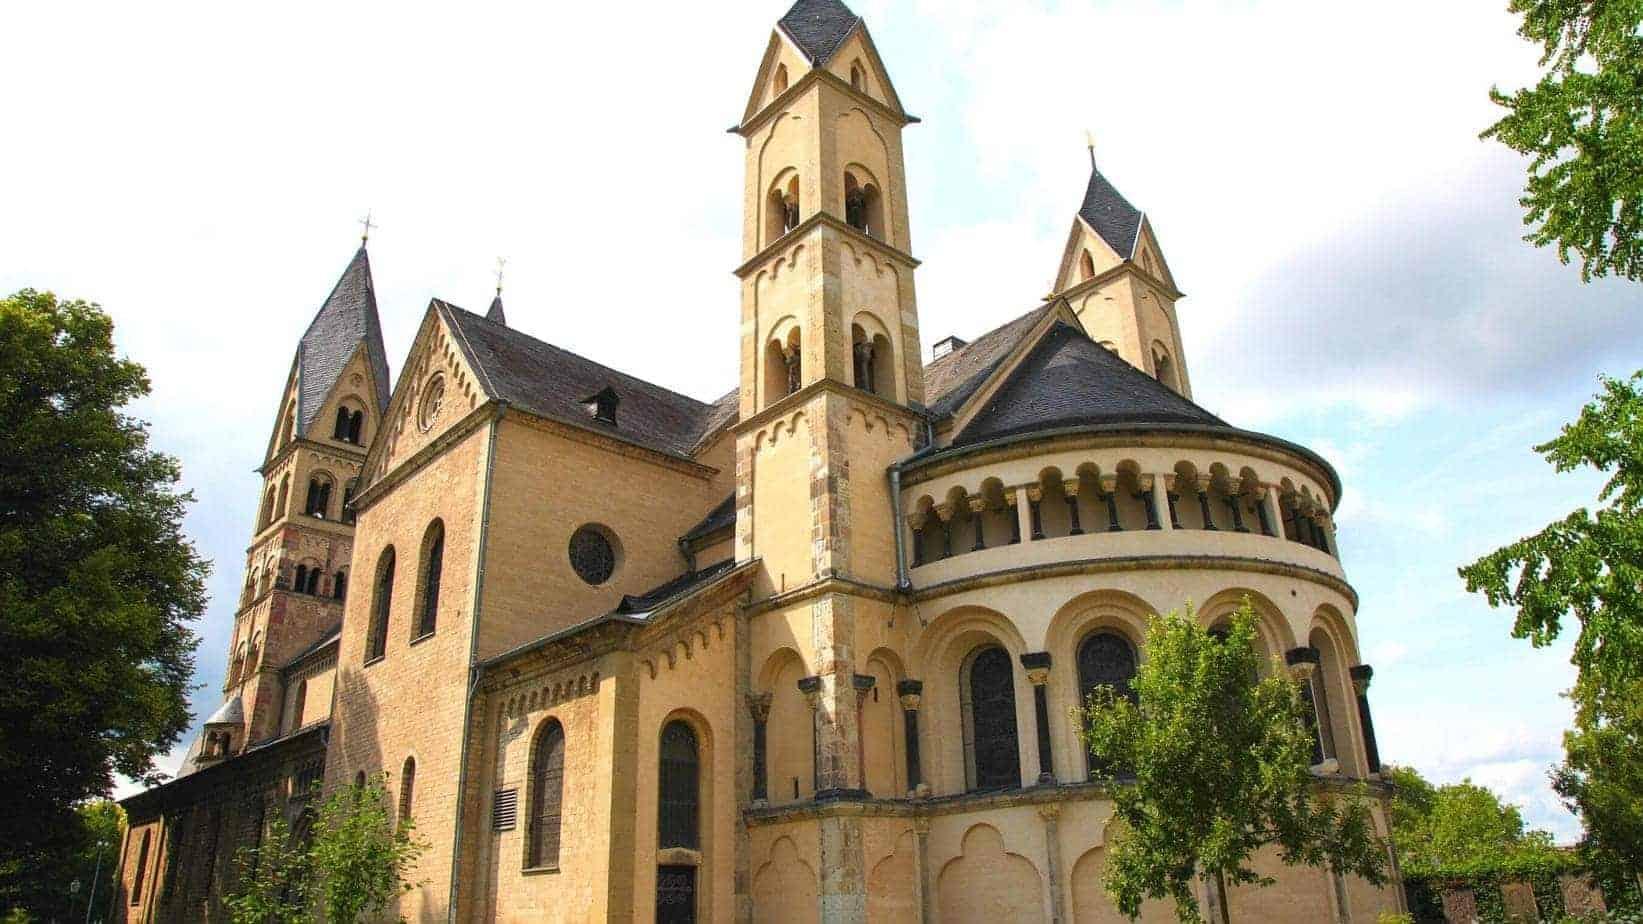 Koblenz, niet voorbijrijden maar bezoeken!